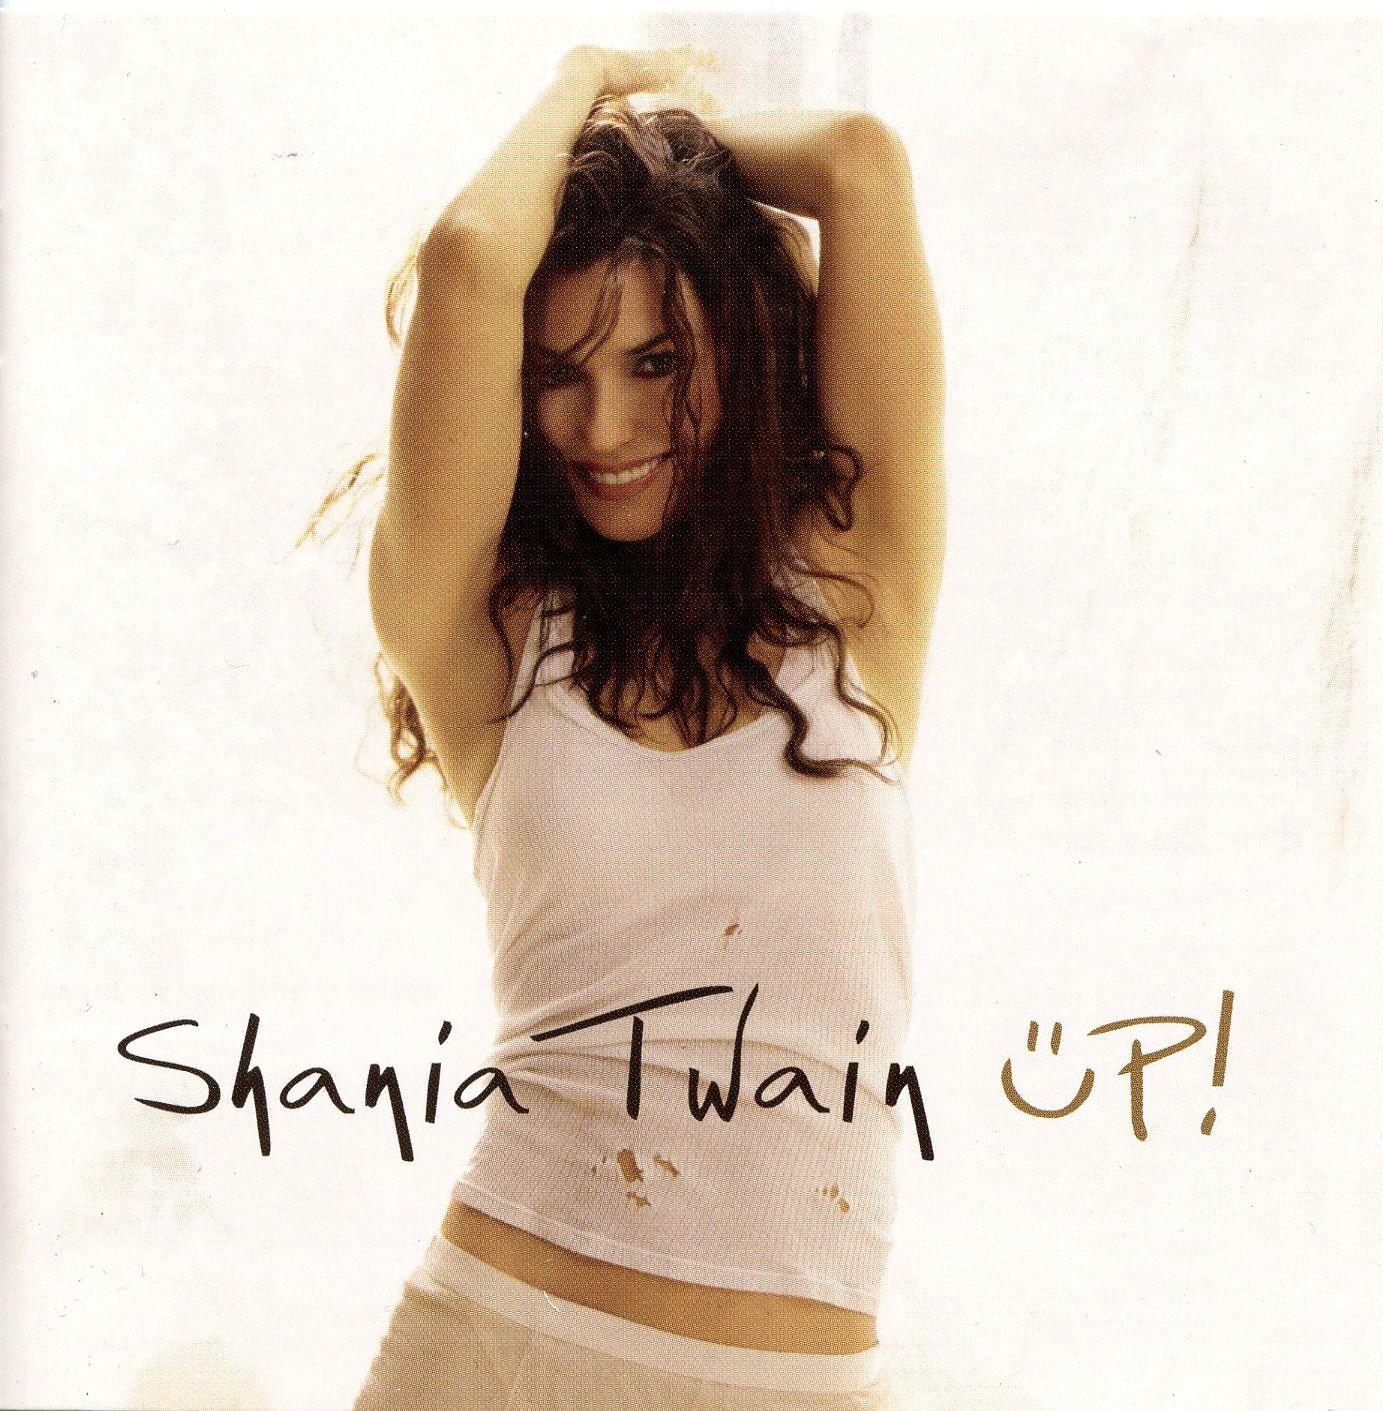 Shania Twain - Up! - Album Cover